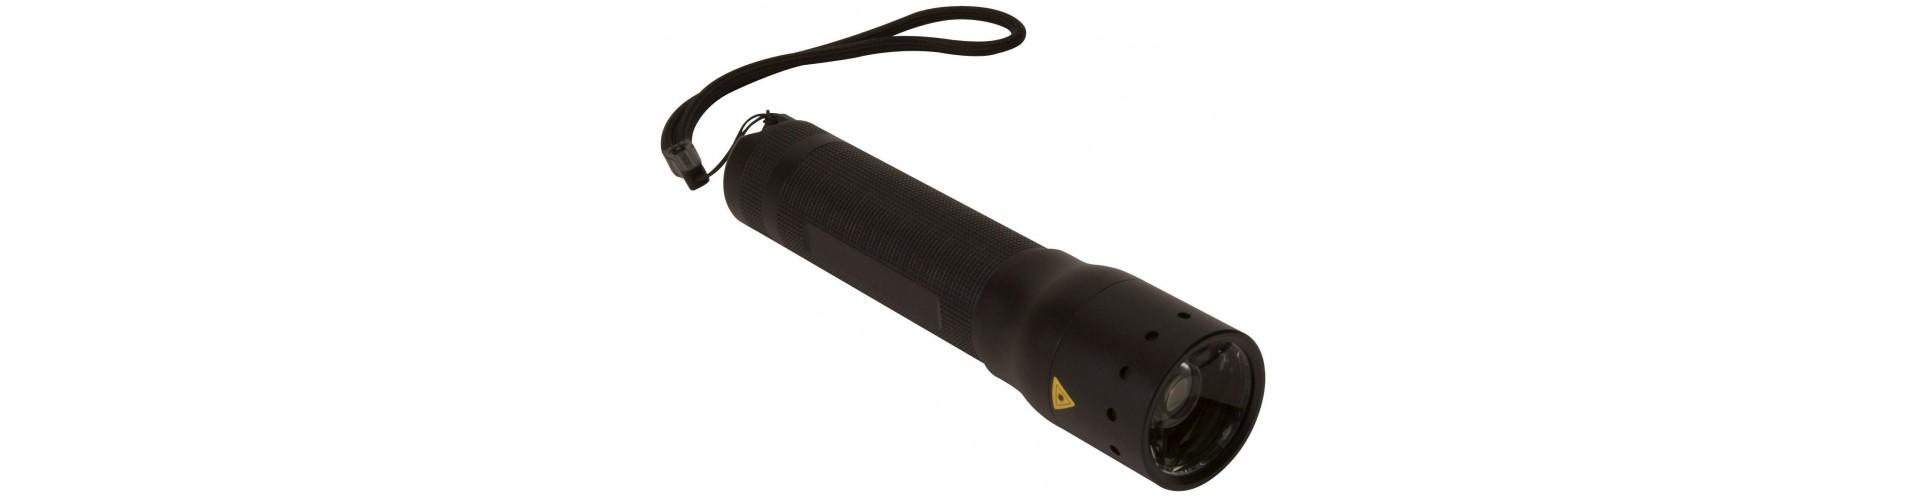 LED Lenser P7 | Køb bl.a. LED Lenser P7 2 Online | Stort Udvalg